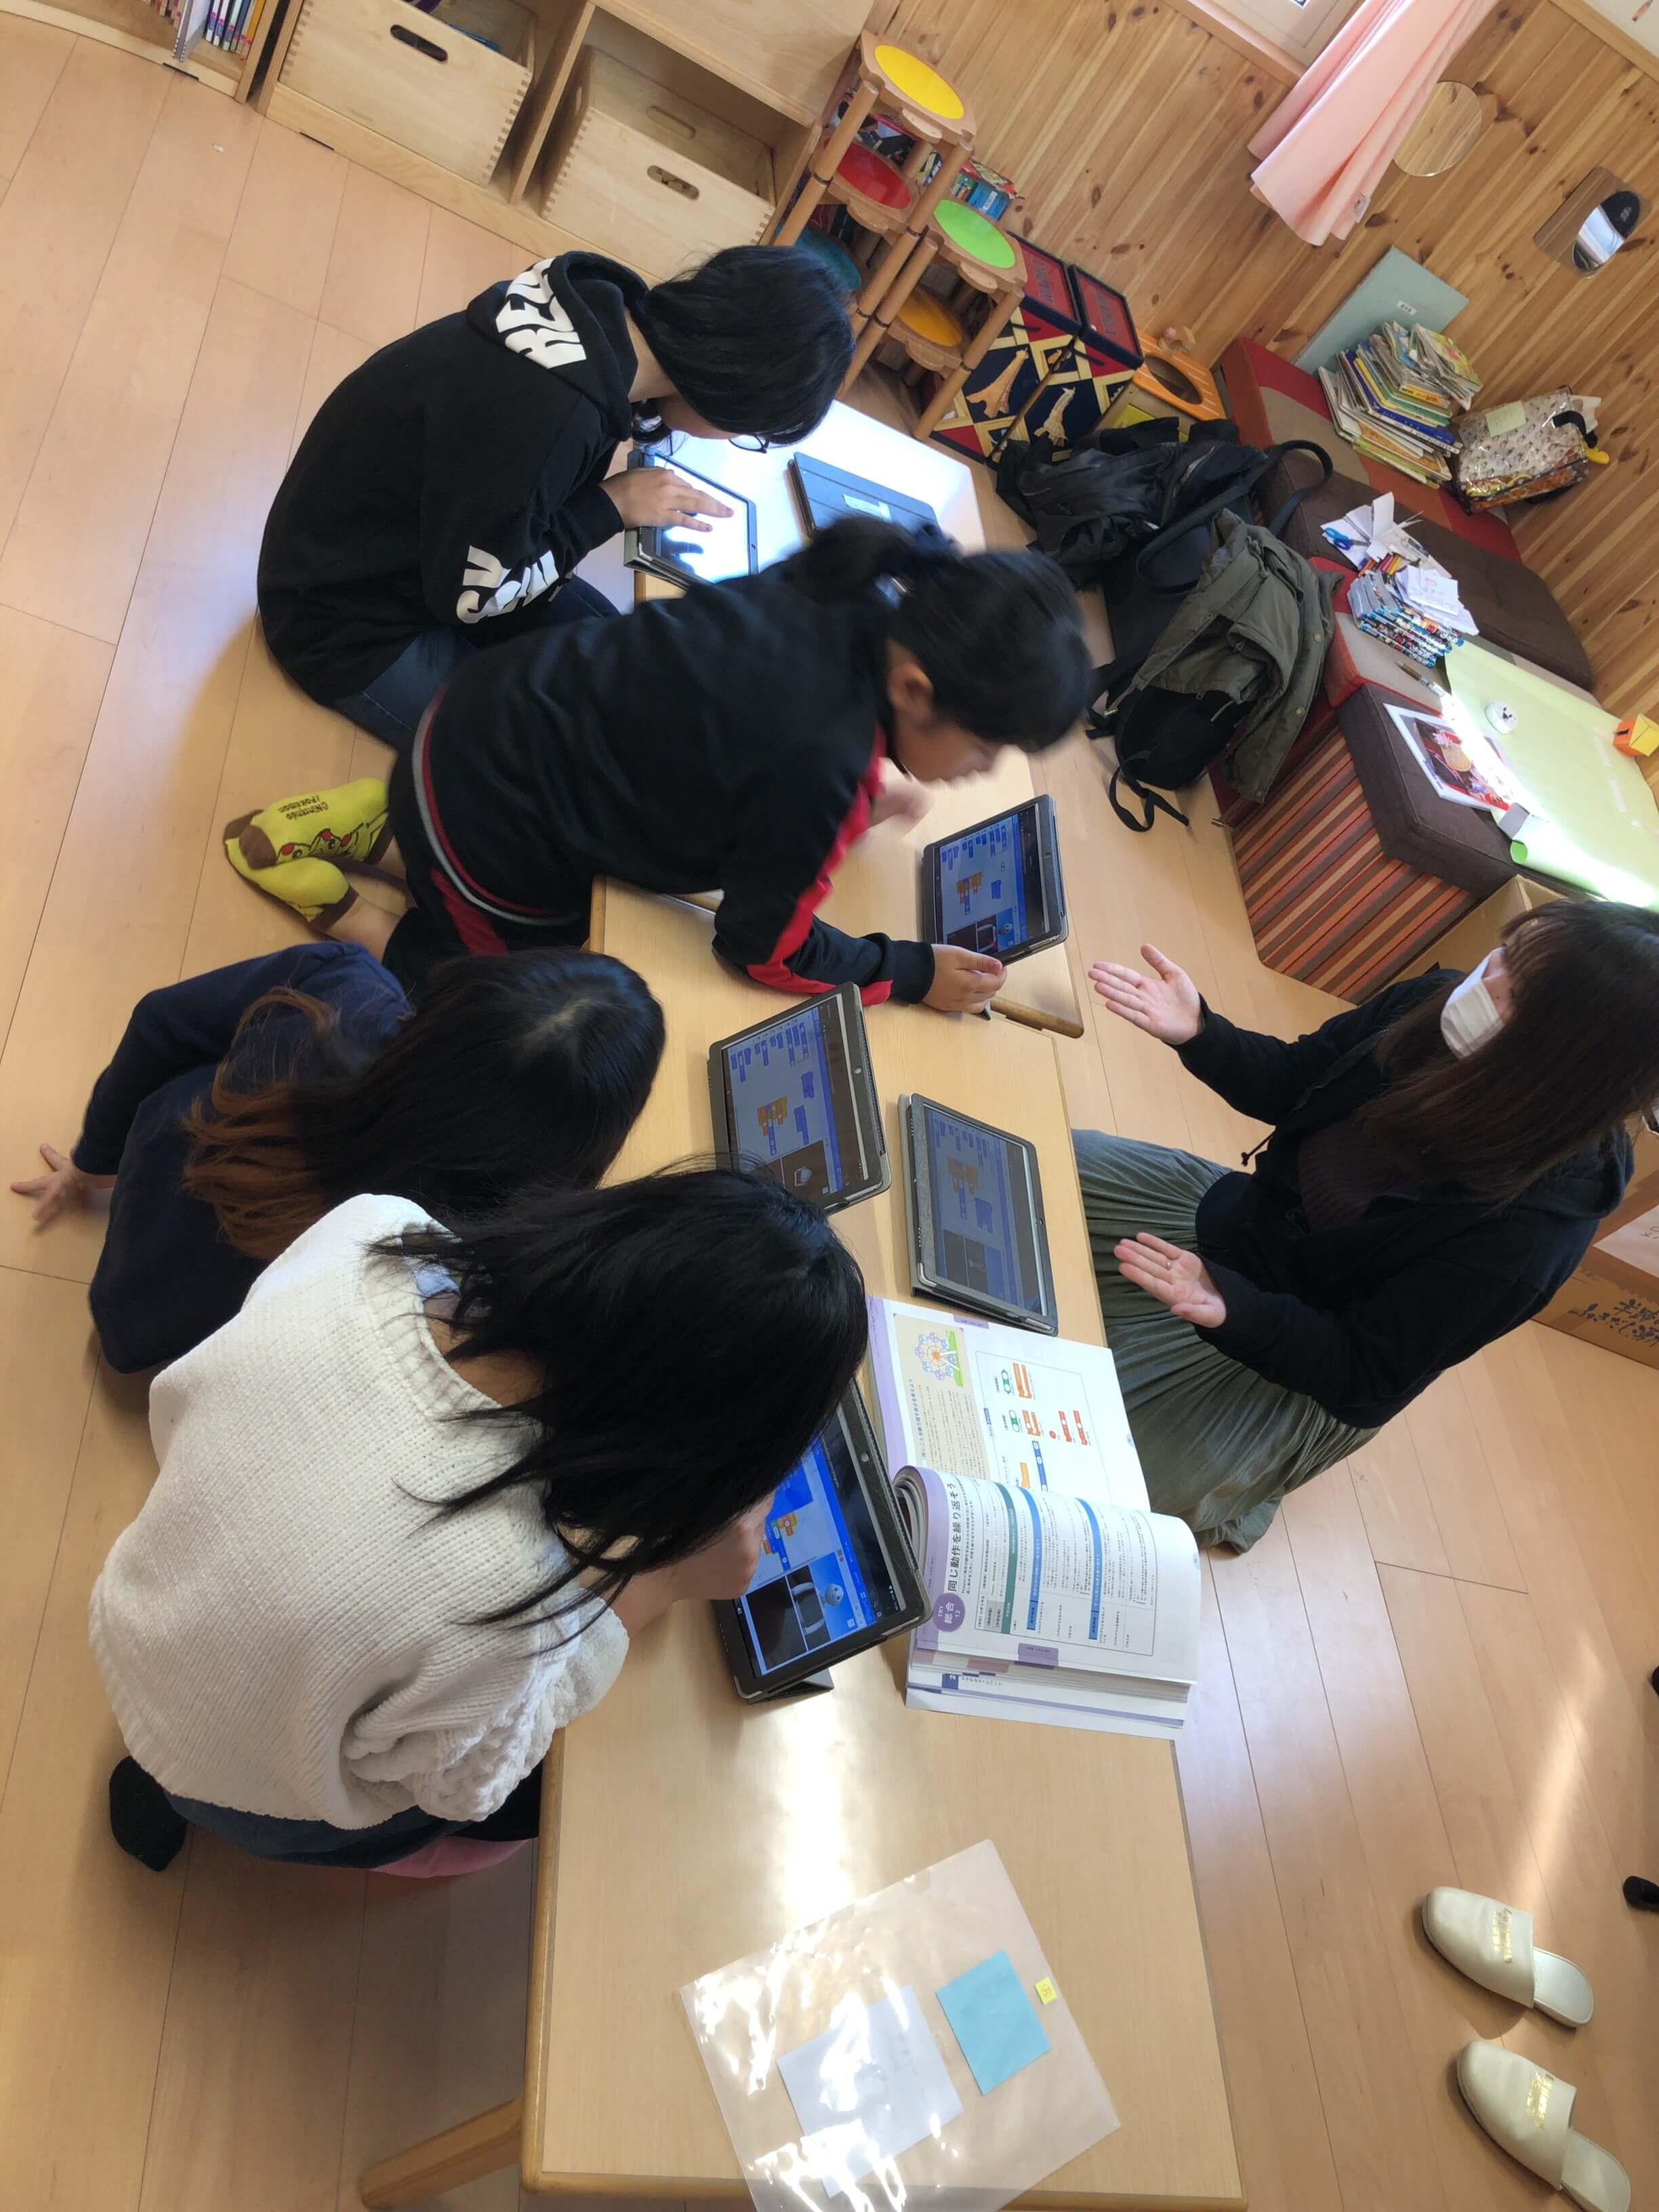 北陽幼稚園様 学童保育での出張プログラミング